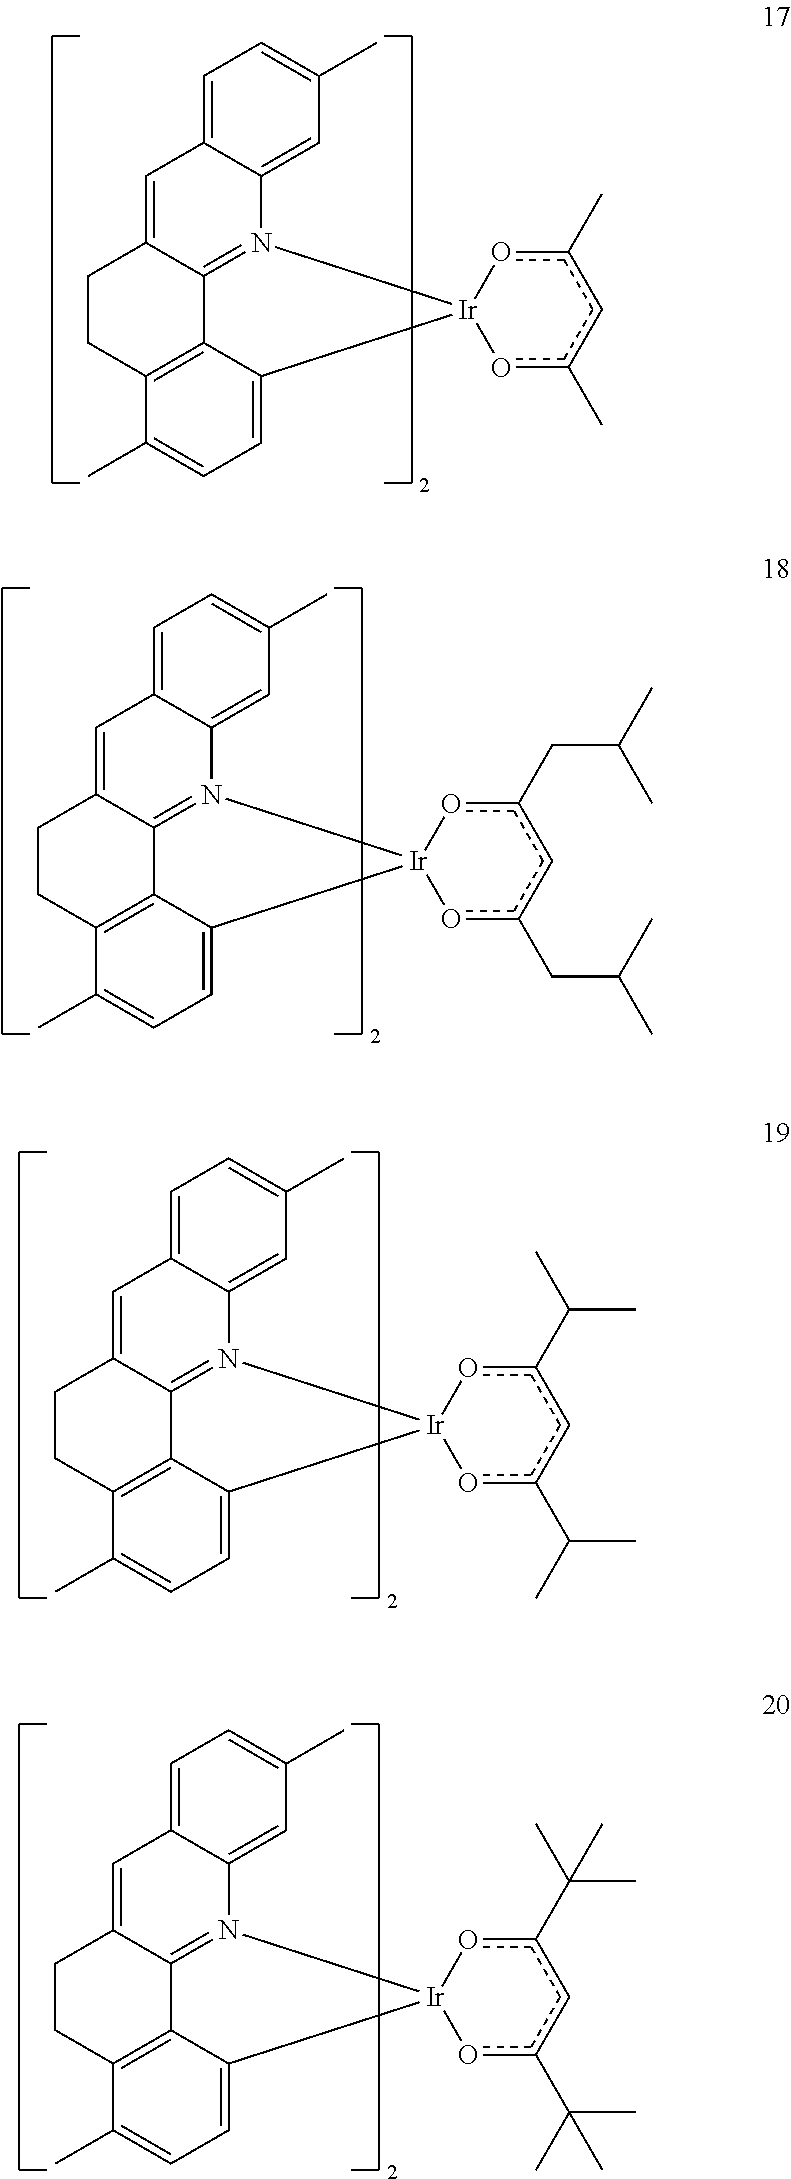 Figure US20130032785A1-20130207-C00011